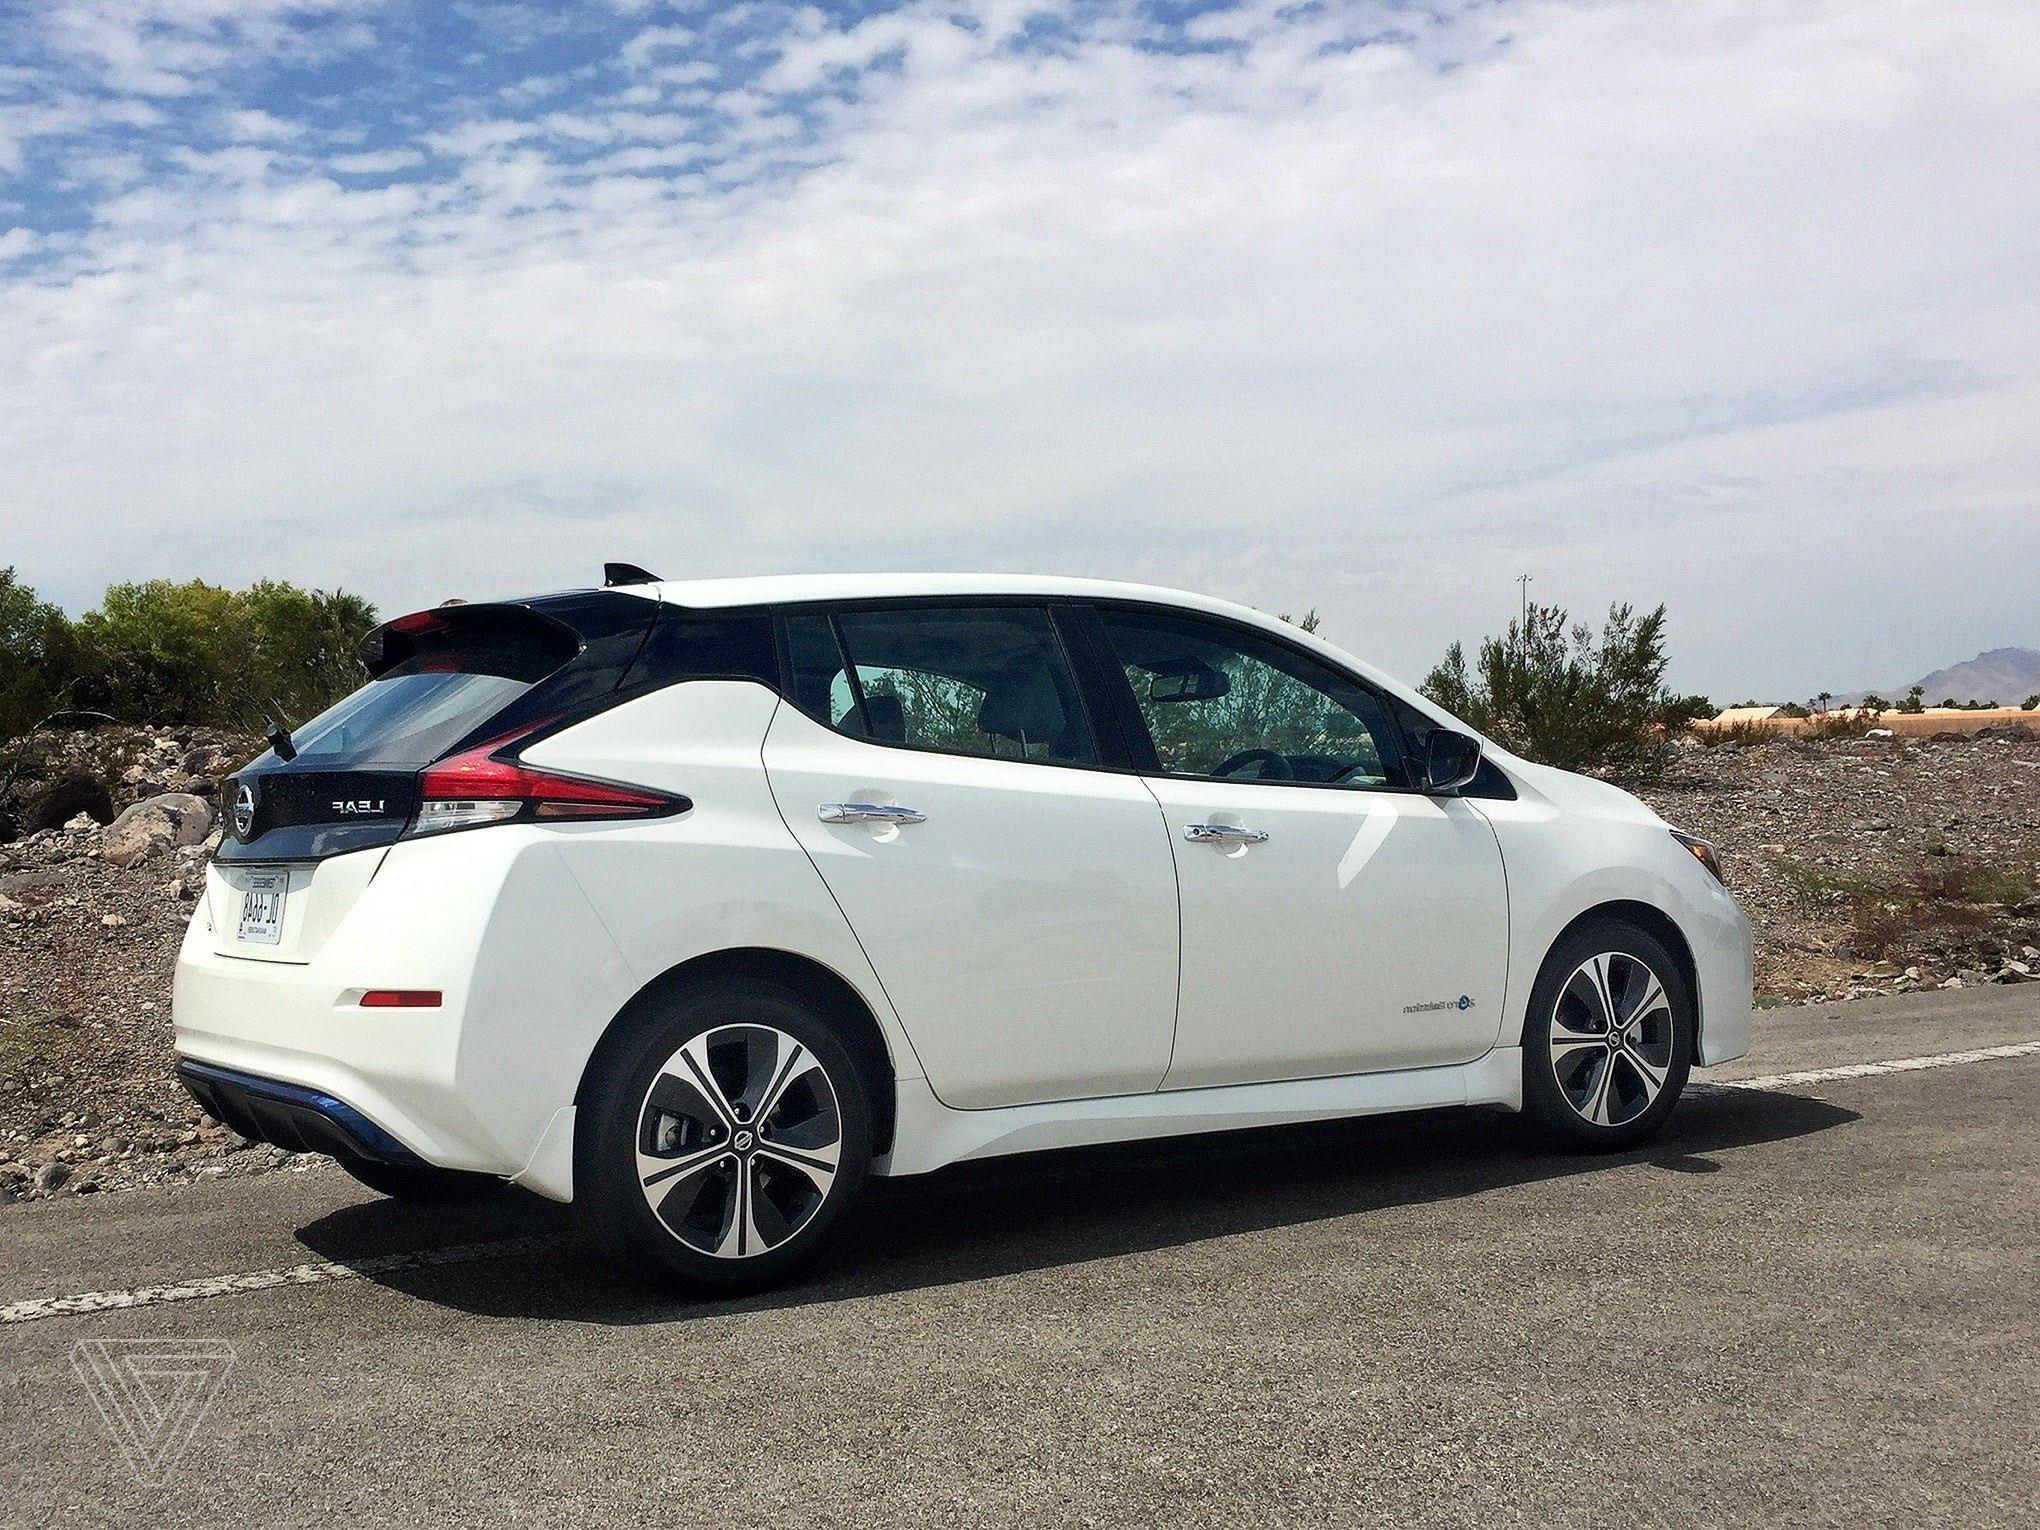 2019 nissan leaf range review nissan leaf nissan car